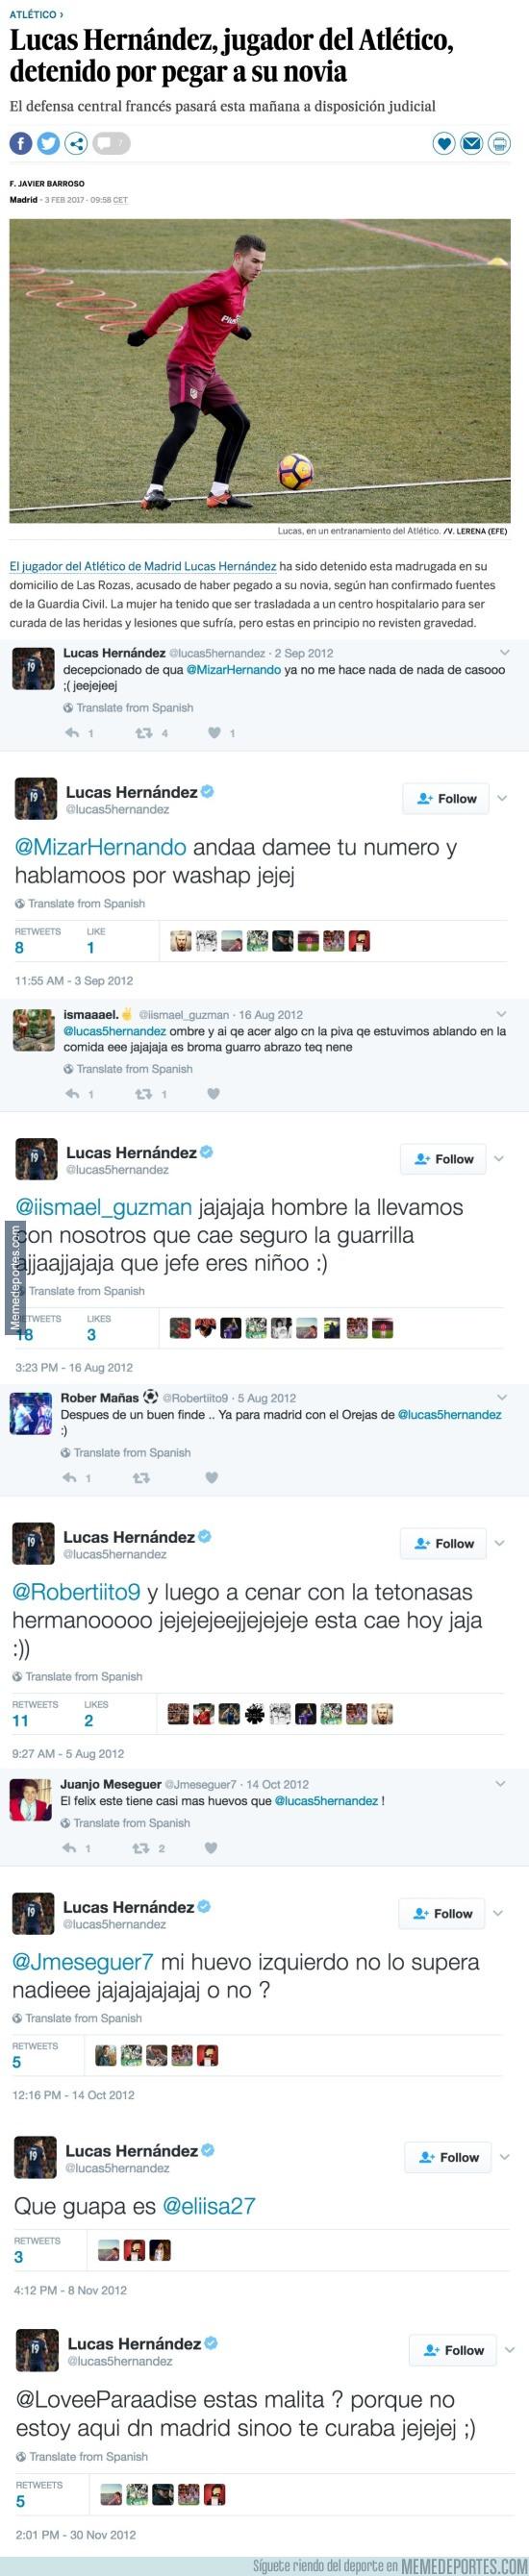 944991 - Detienen al atlético Lucas Hernández por violencia, y salen a la luz estos lamentables tweets suyos